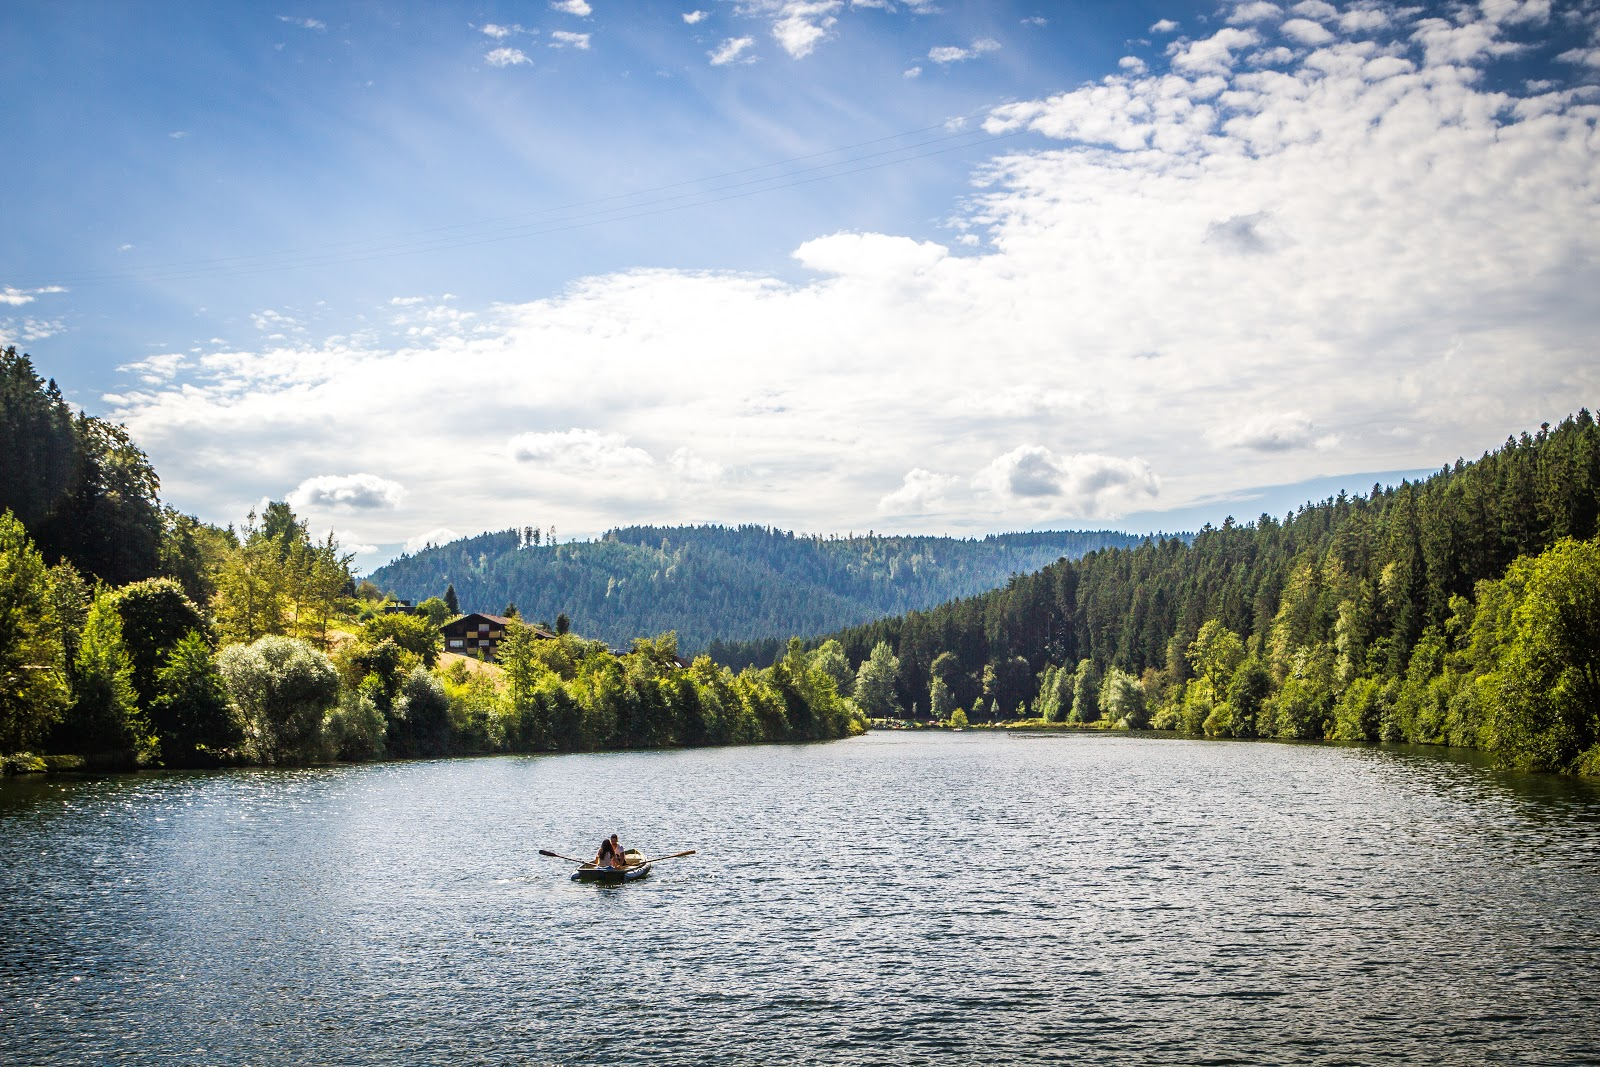 Inmitten schönster Schwarzwaldnatur liegt der Stausee Erzgrube, auf dem hier ein Paddelboot unterwegs ist